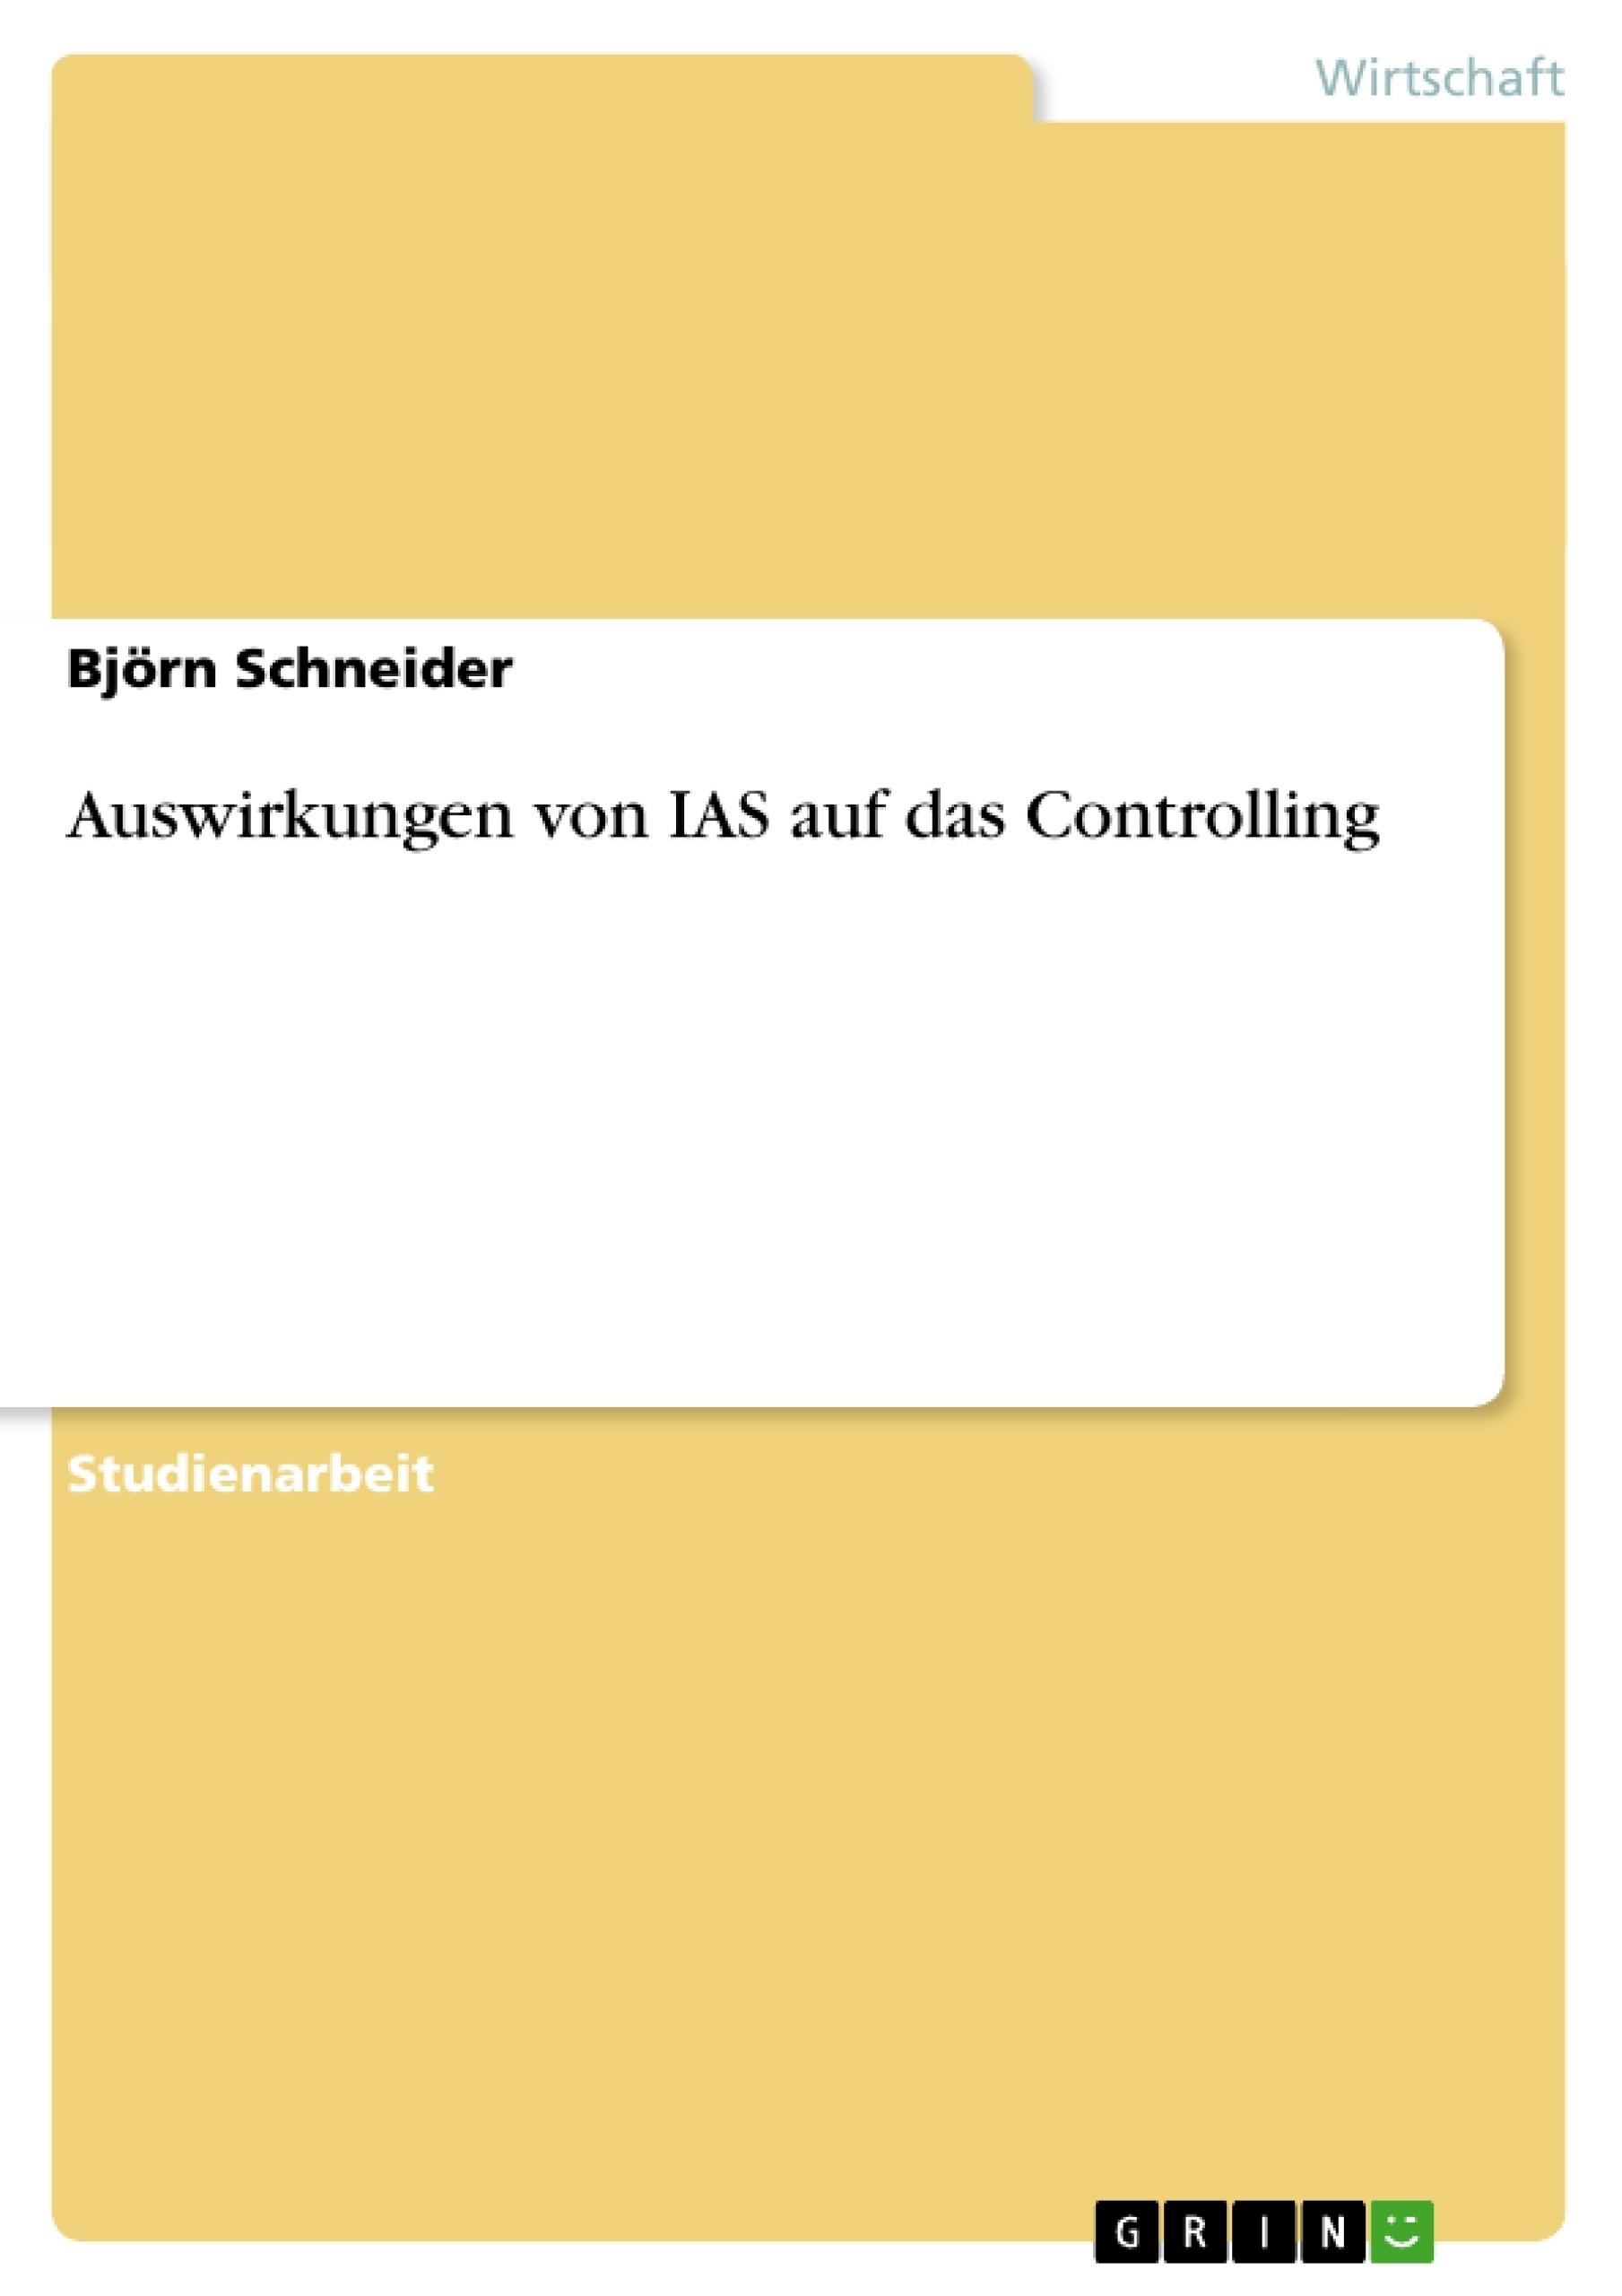 Titel: Auswirkungen von IAS auf das Controlling